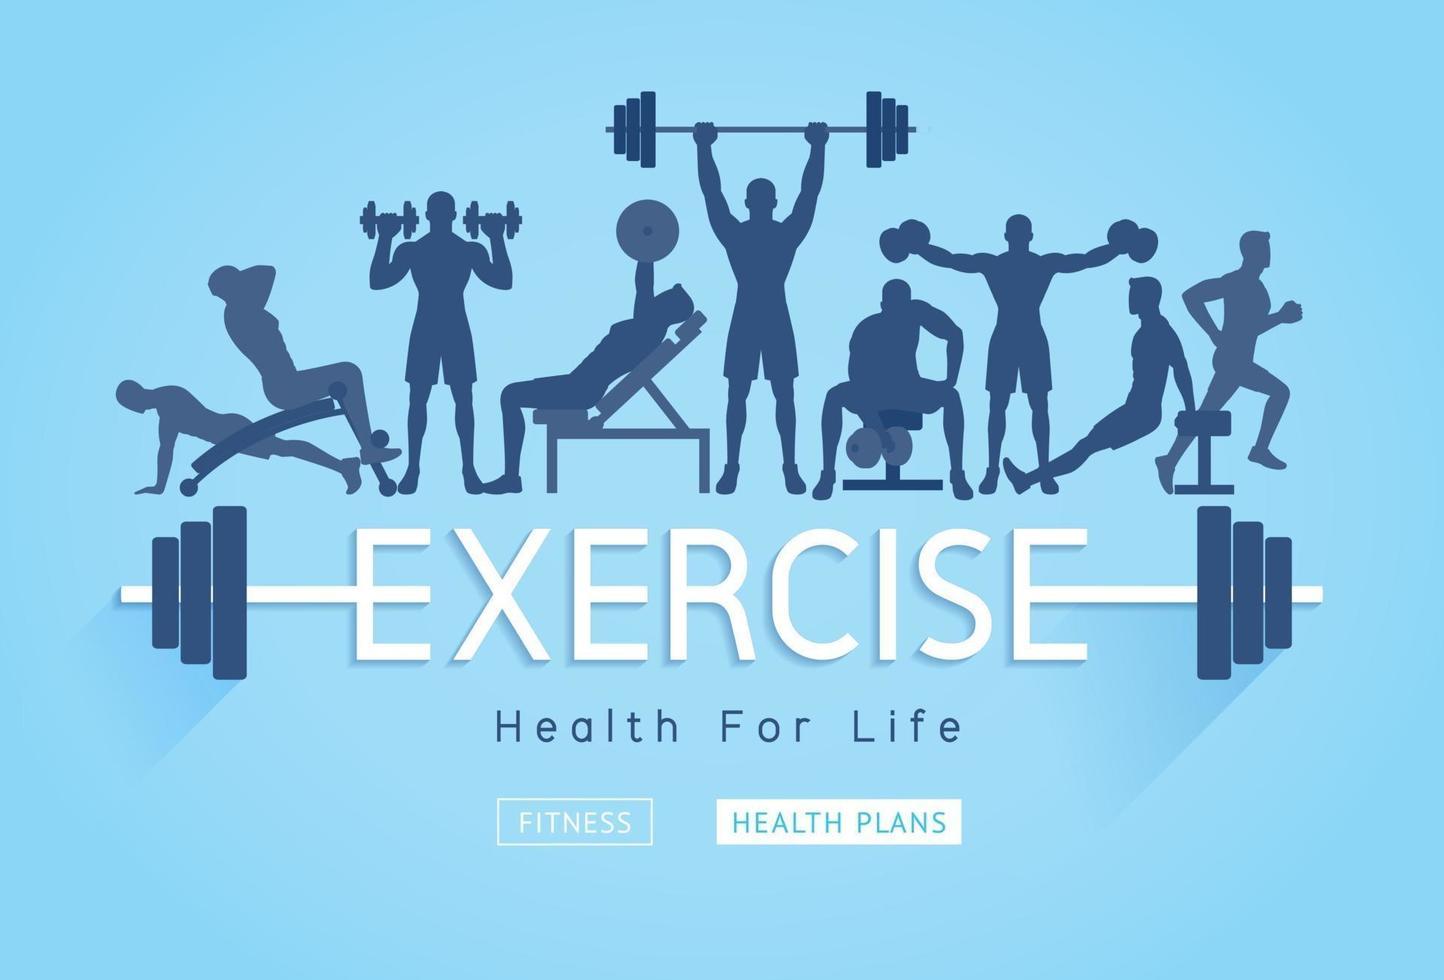 ejercicios de diseño conceptual. jóvenes haciendo ejercicios de silueta. ilustraciones vectoriales de promoción de banner de fitness deportivo. vector